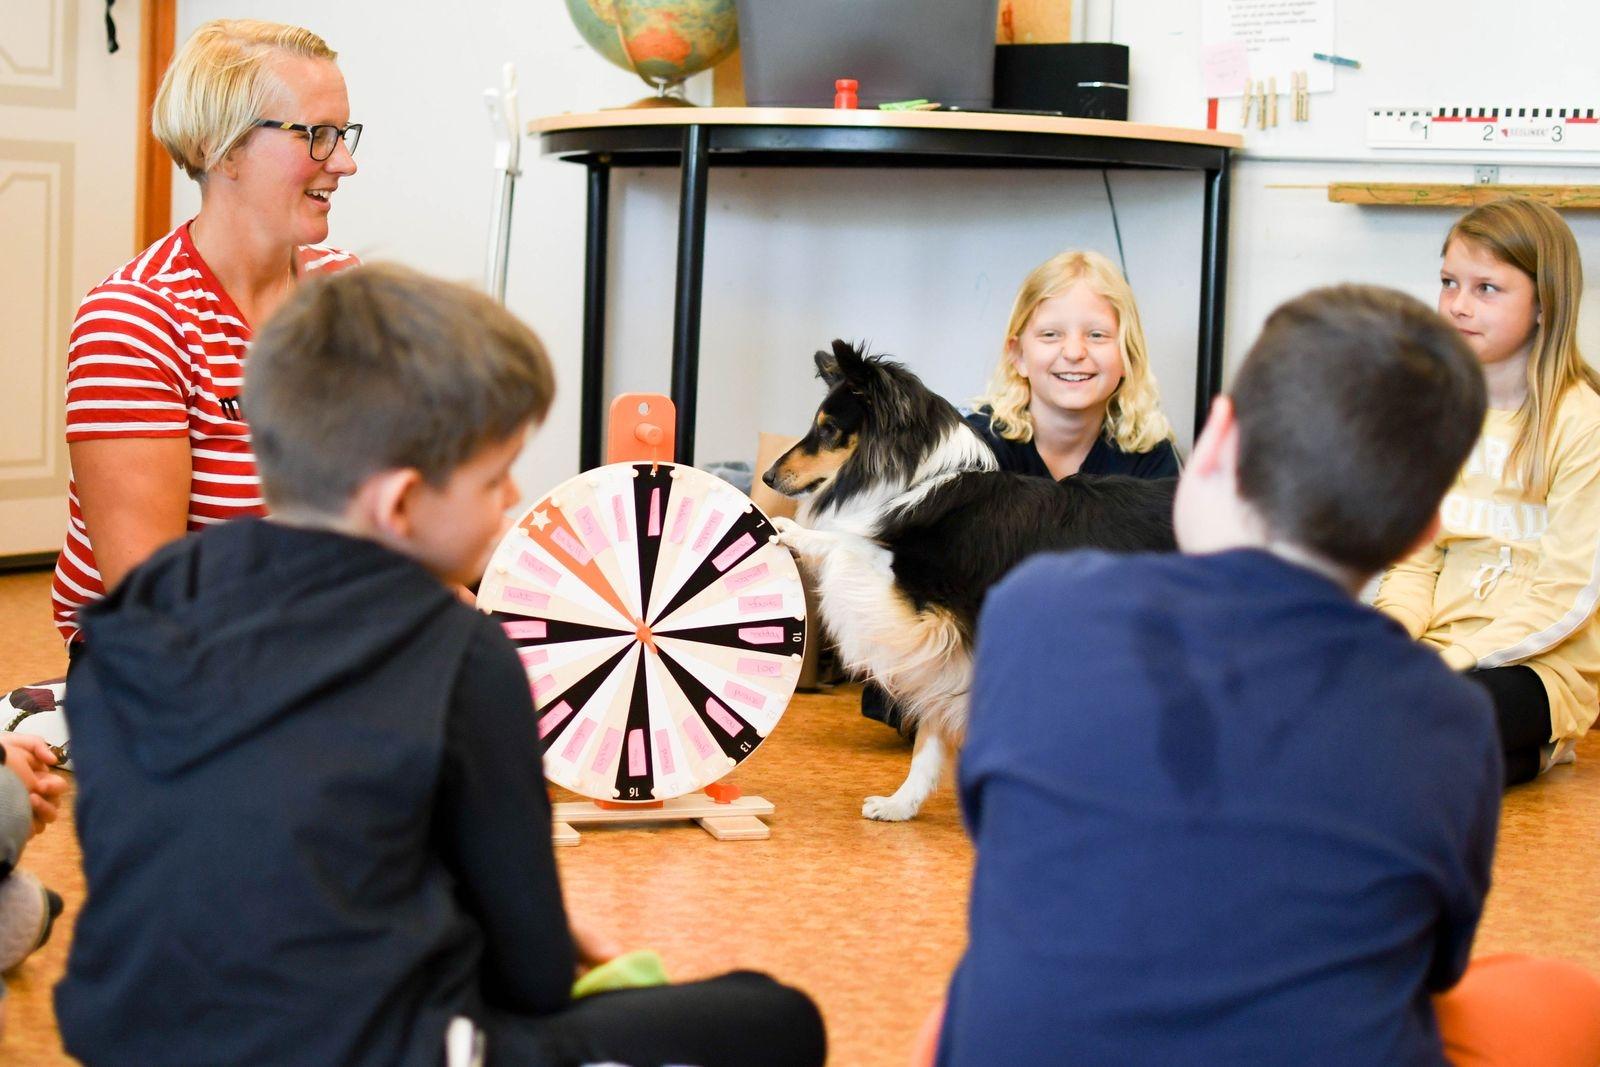 Lektionen i muntligt berättande blir lustfylld och avslappnad tack vare Helle som hjälper till att snurra fram teman för eleverna att berätta kring.